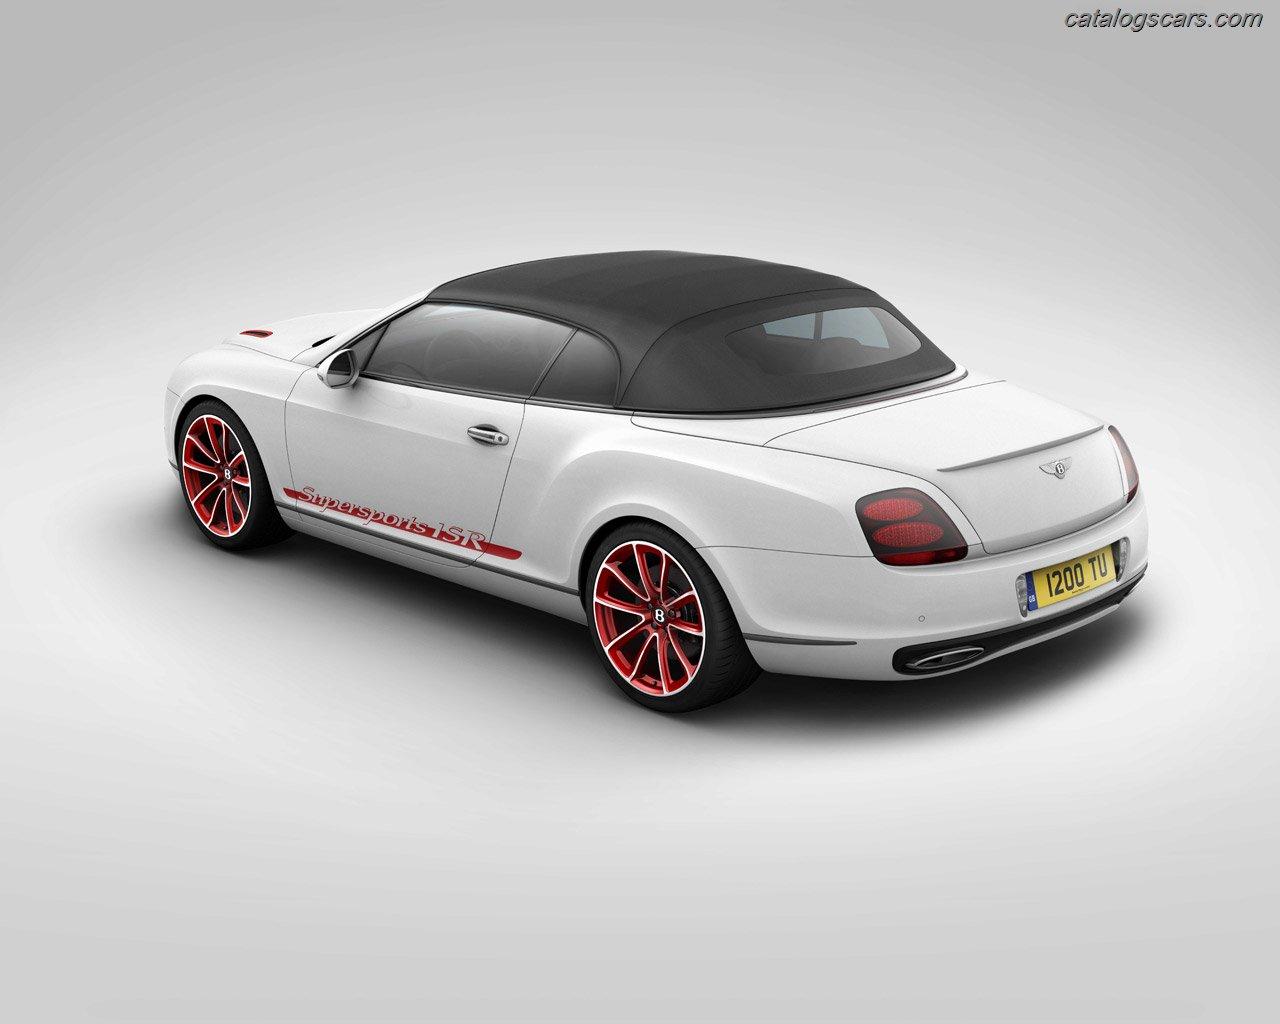 صور سيارة بنتلى كونتيننتال سوبر سبورتس كونفيرتابل 2014 - اجمل خلفيات صور عربية بنتلى - Bentley Continental SuperSports Convertible Photos Bentley-Continental-SuperSports-Convertible-2011-04.jpg